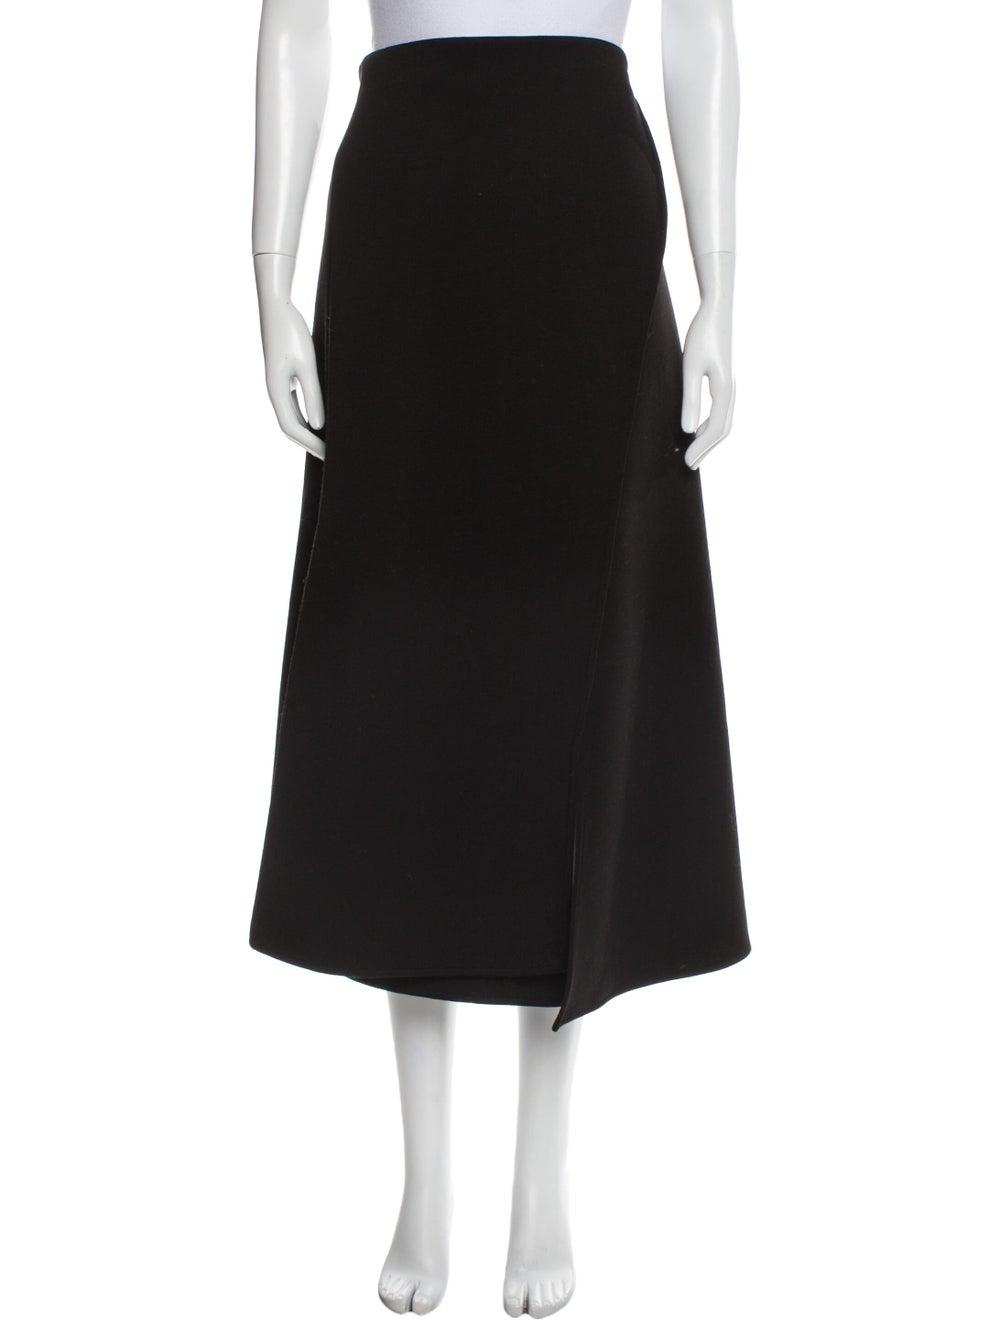 Beaufille Midi Length Skirt Black - image 1